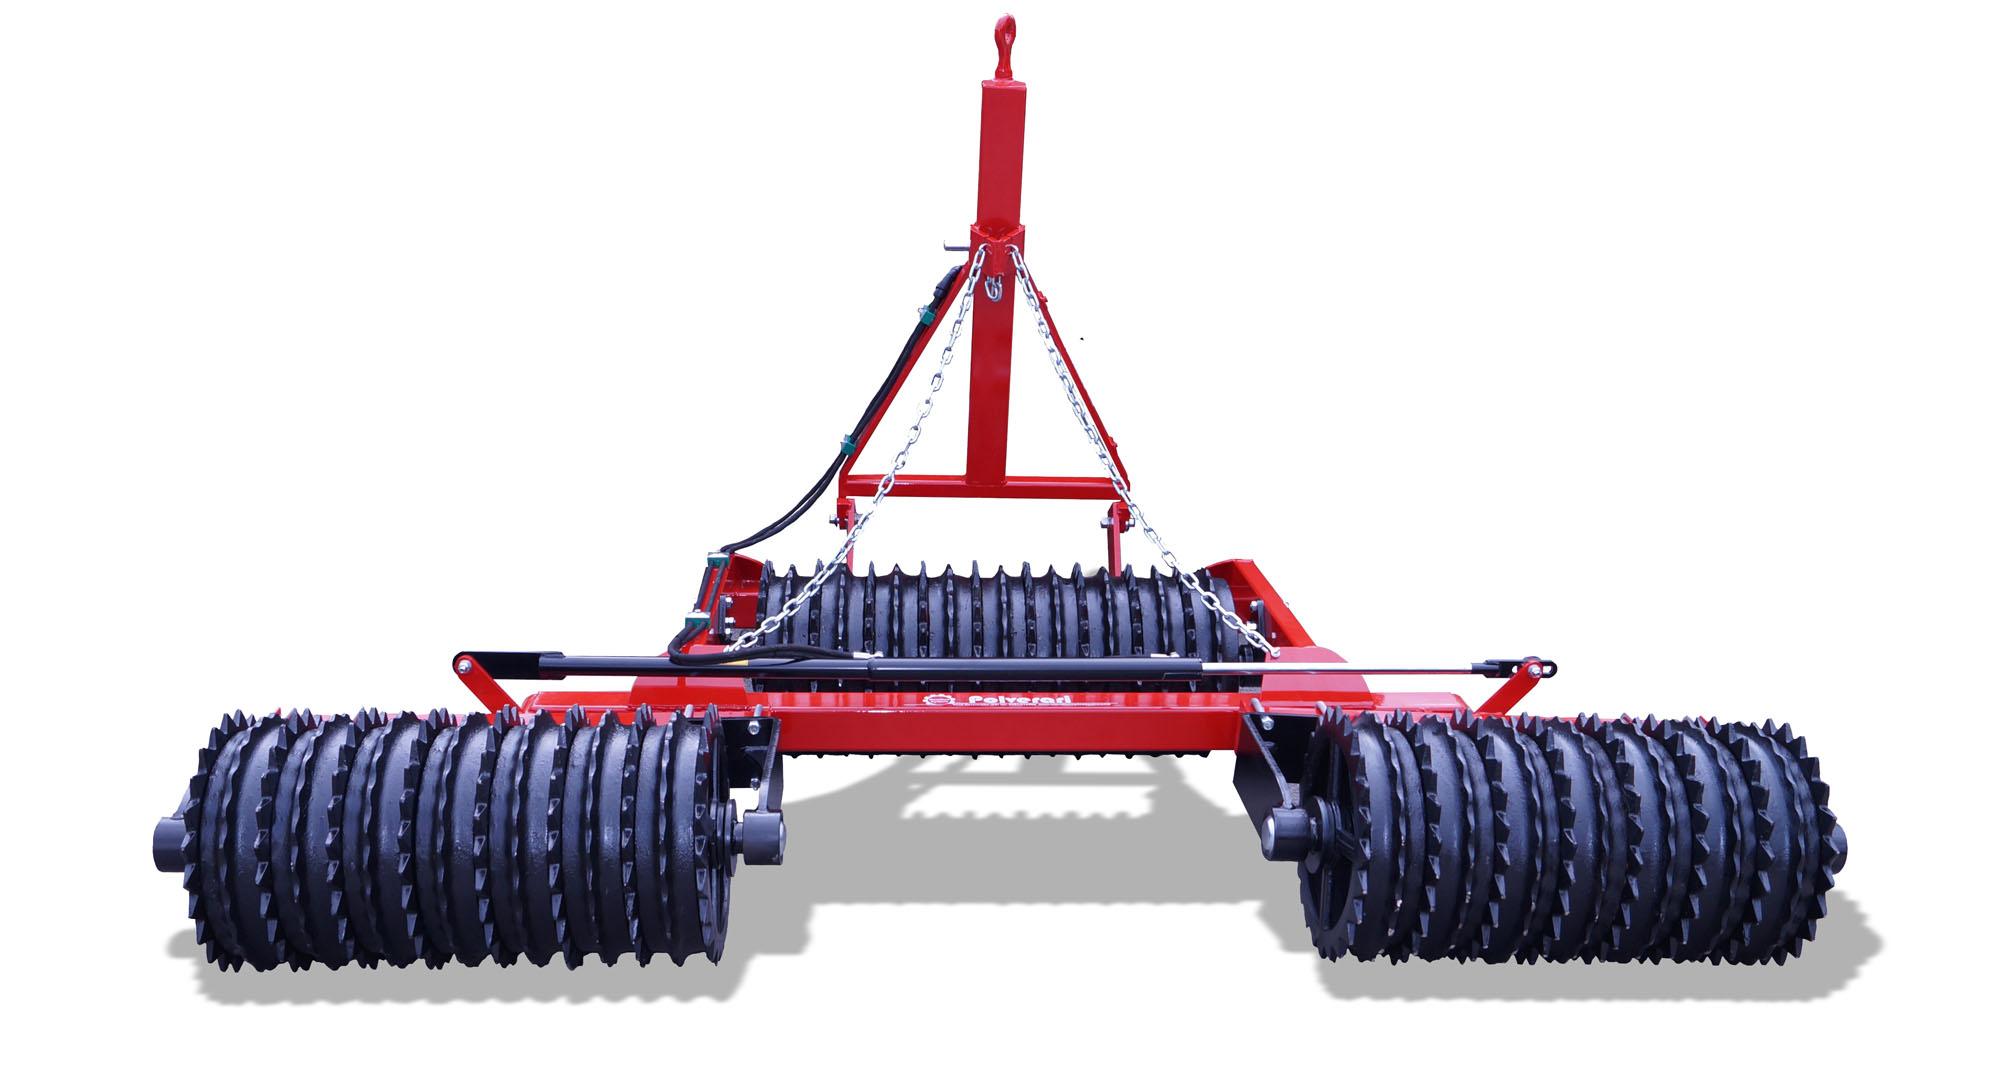 RGT 2500 - 3000